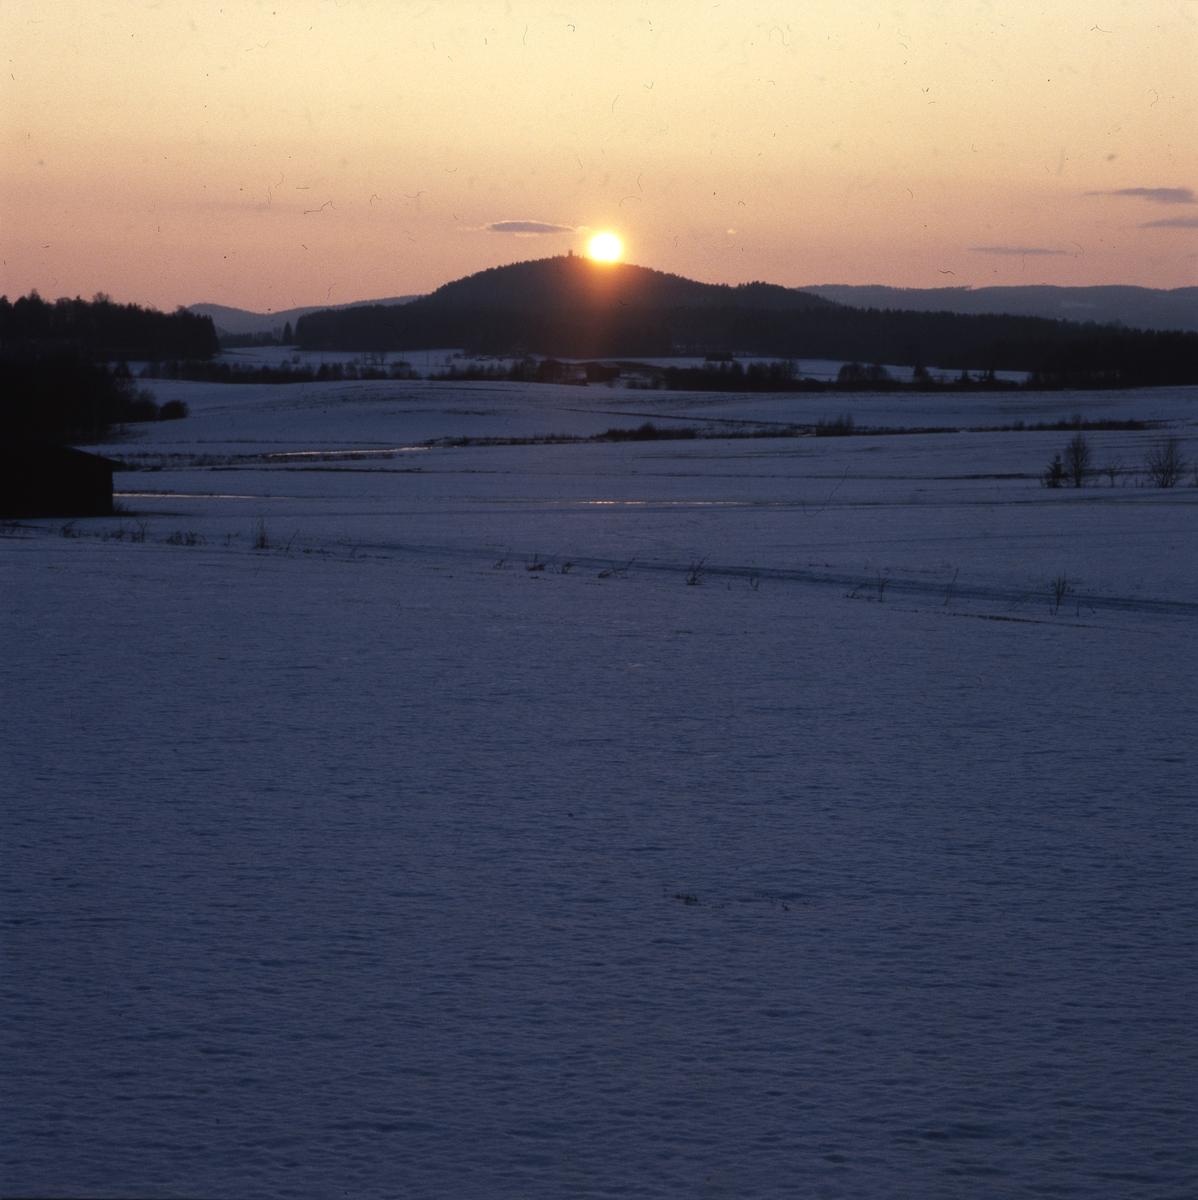 Solnedgång över Bulleberget. Bild tagen från Sunnanåker, Glössbo.